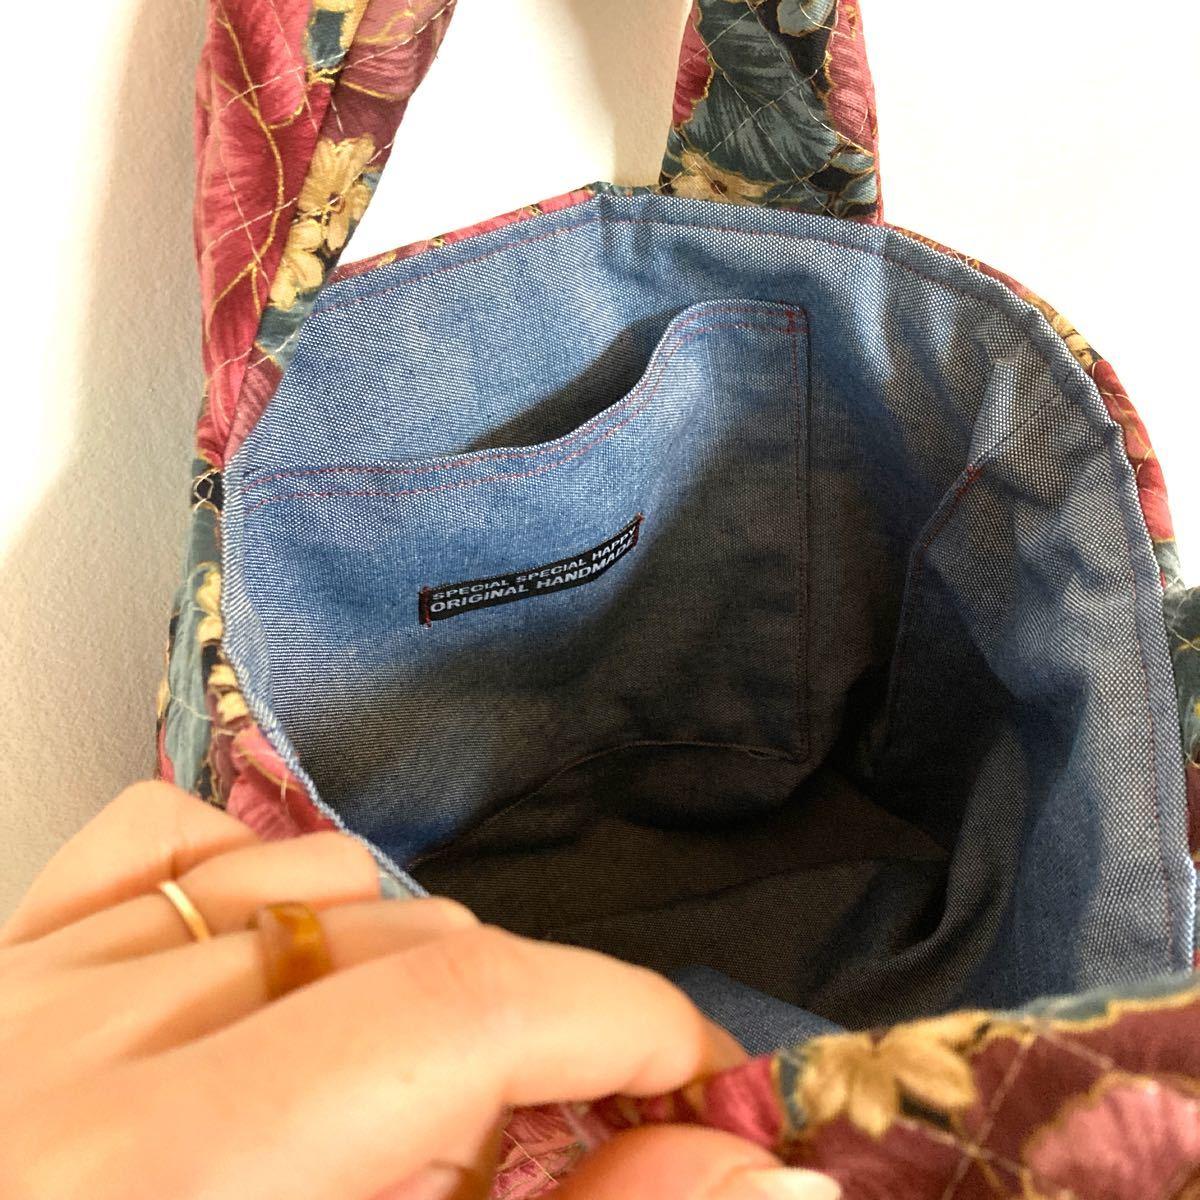 ハンドメイド  トートバック ハンドメイド バッグ キルト バッグ  花柄 ハンドバッグ